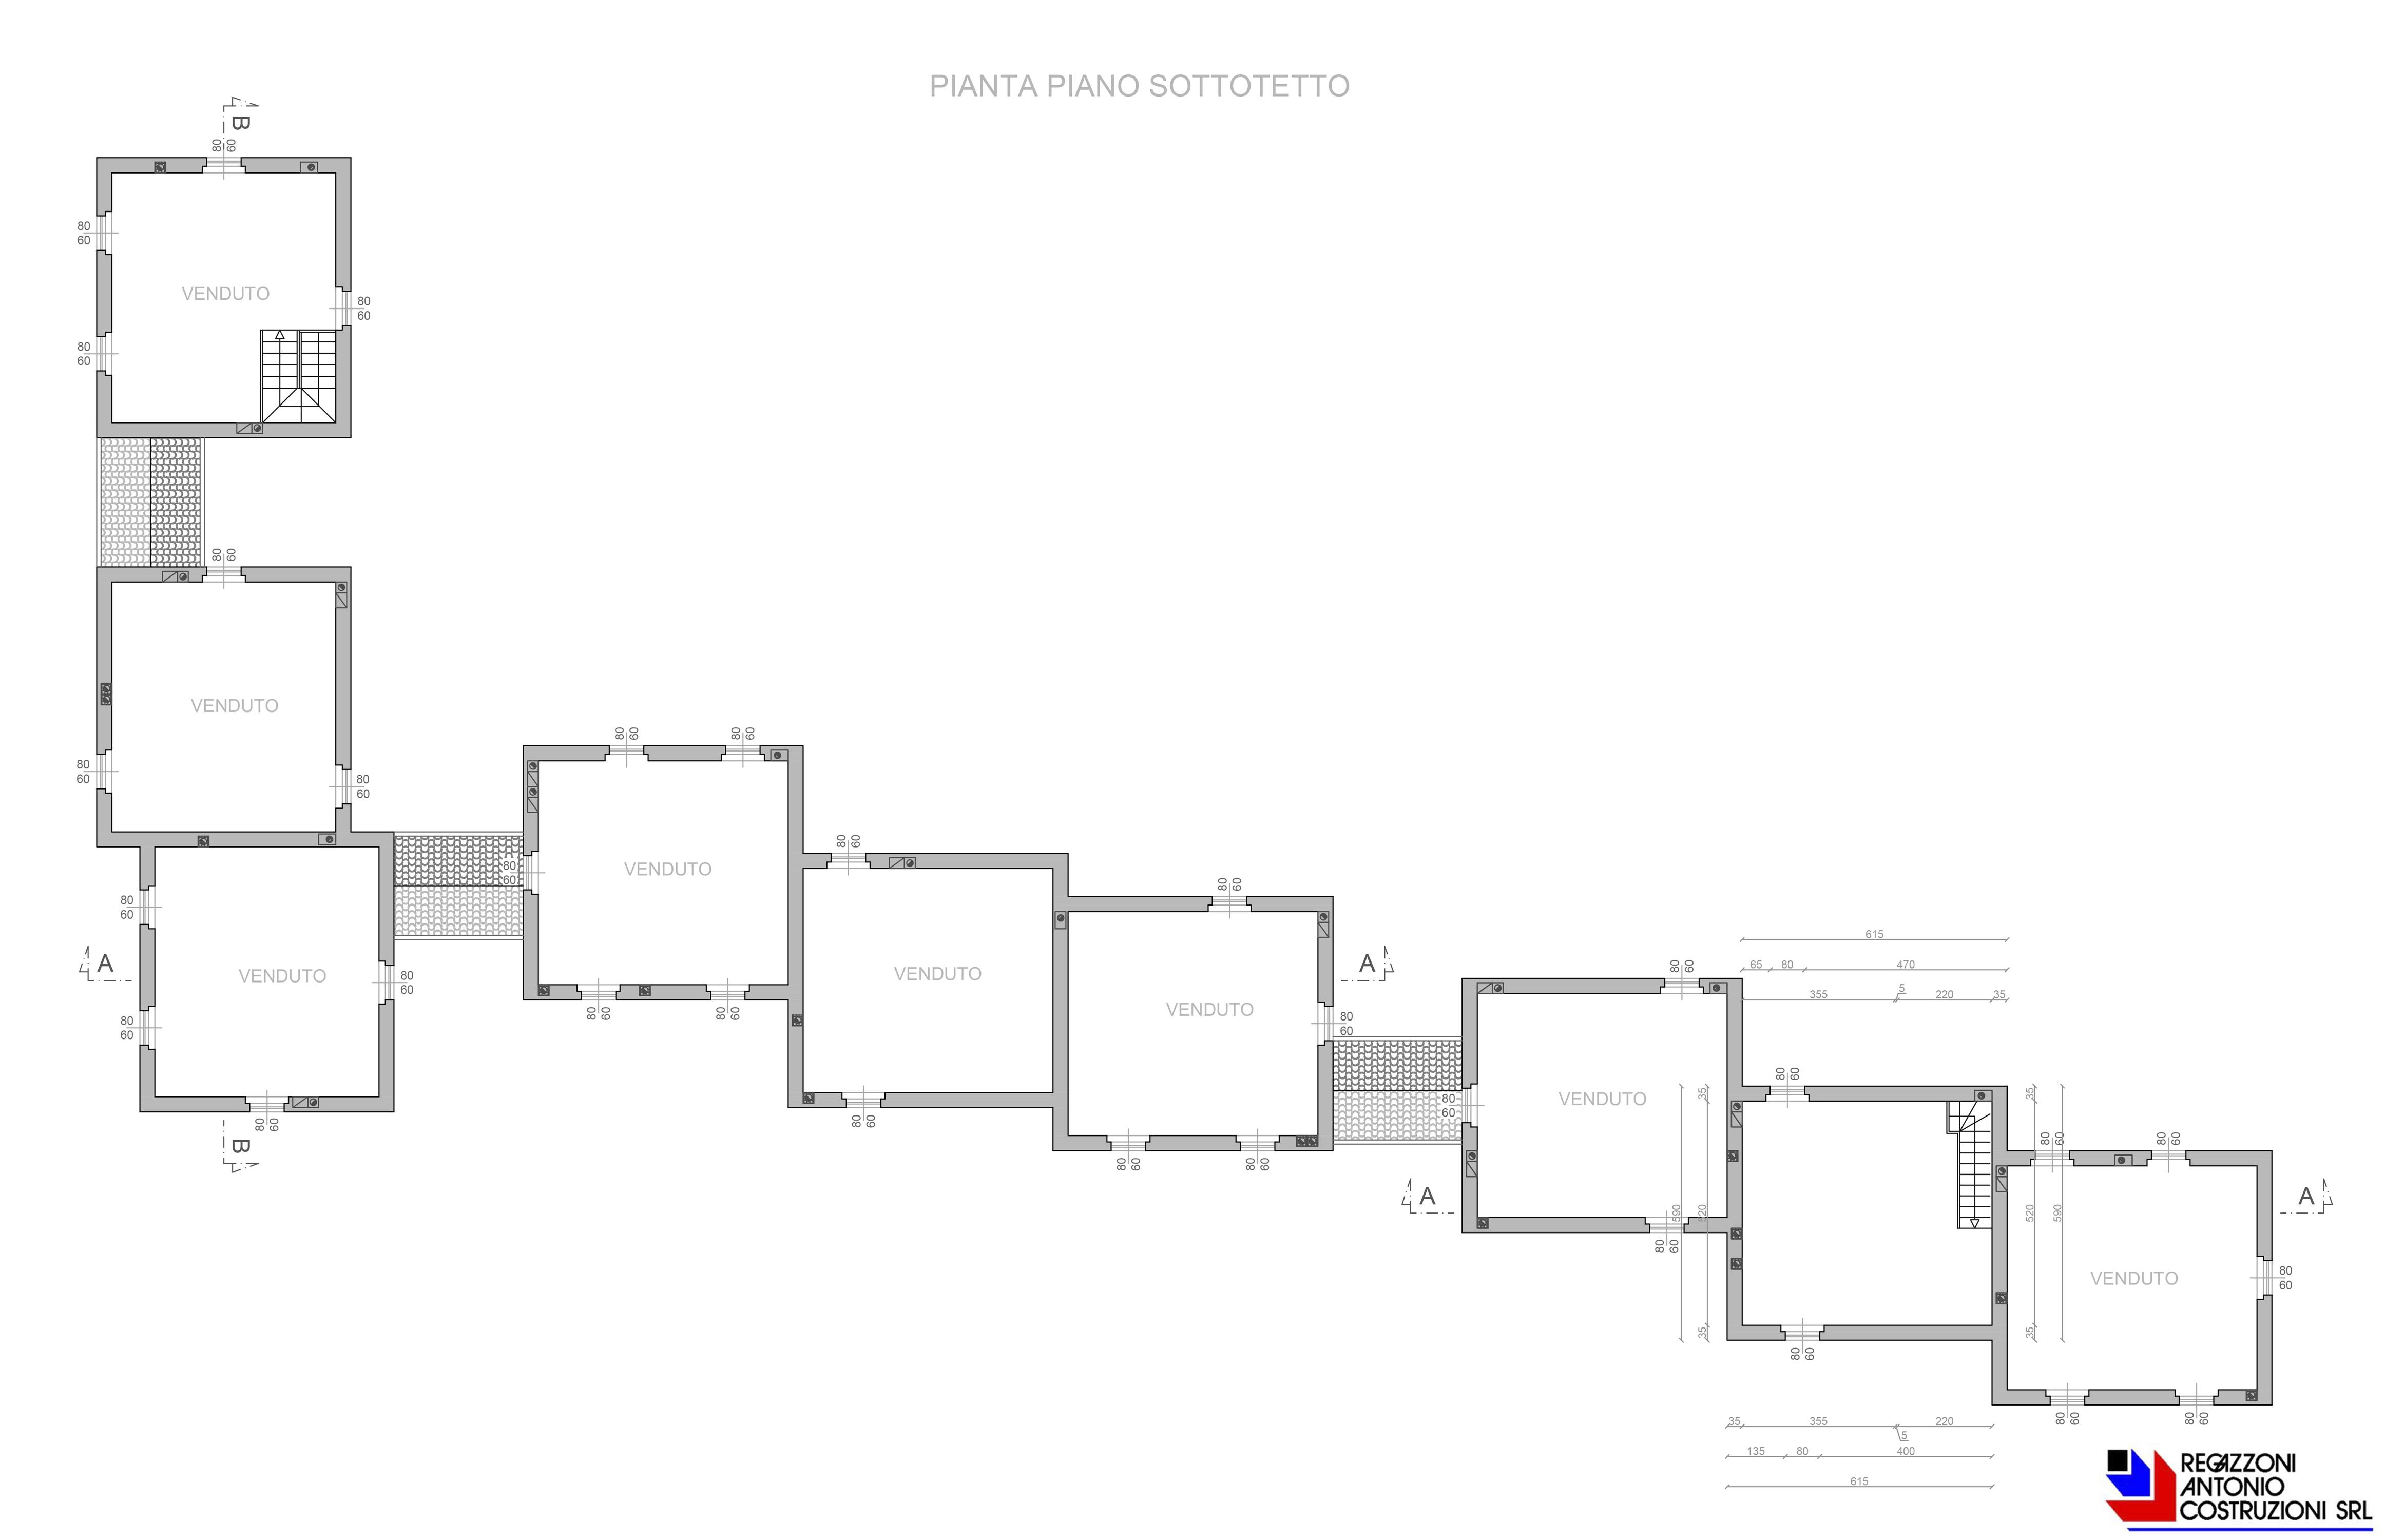 Pianta piano sottotetto - scala 1a100